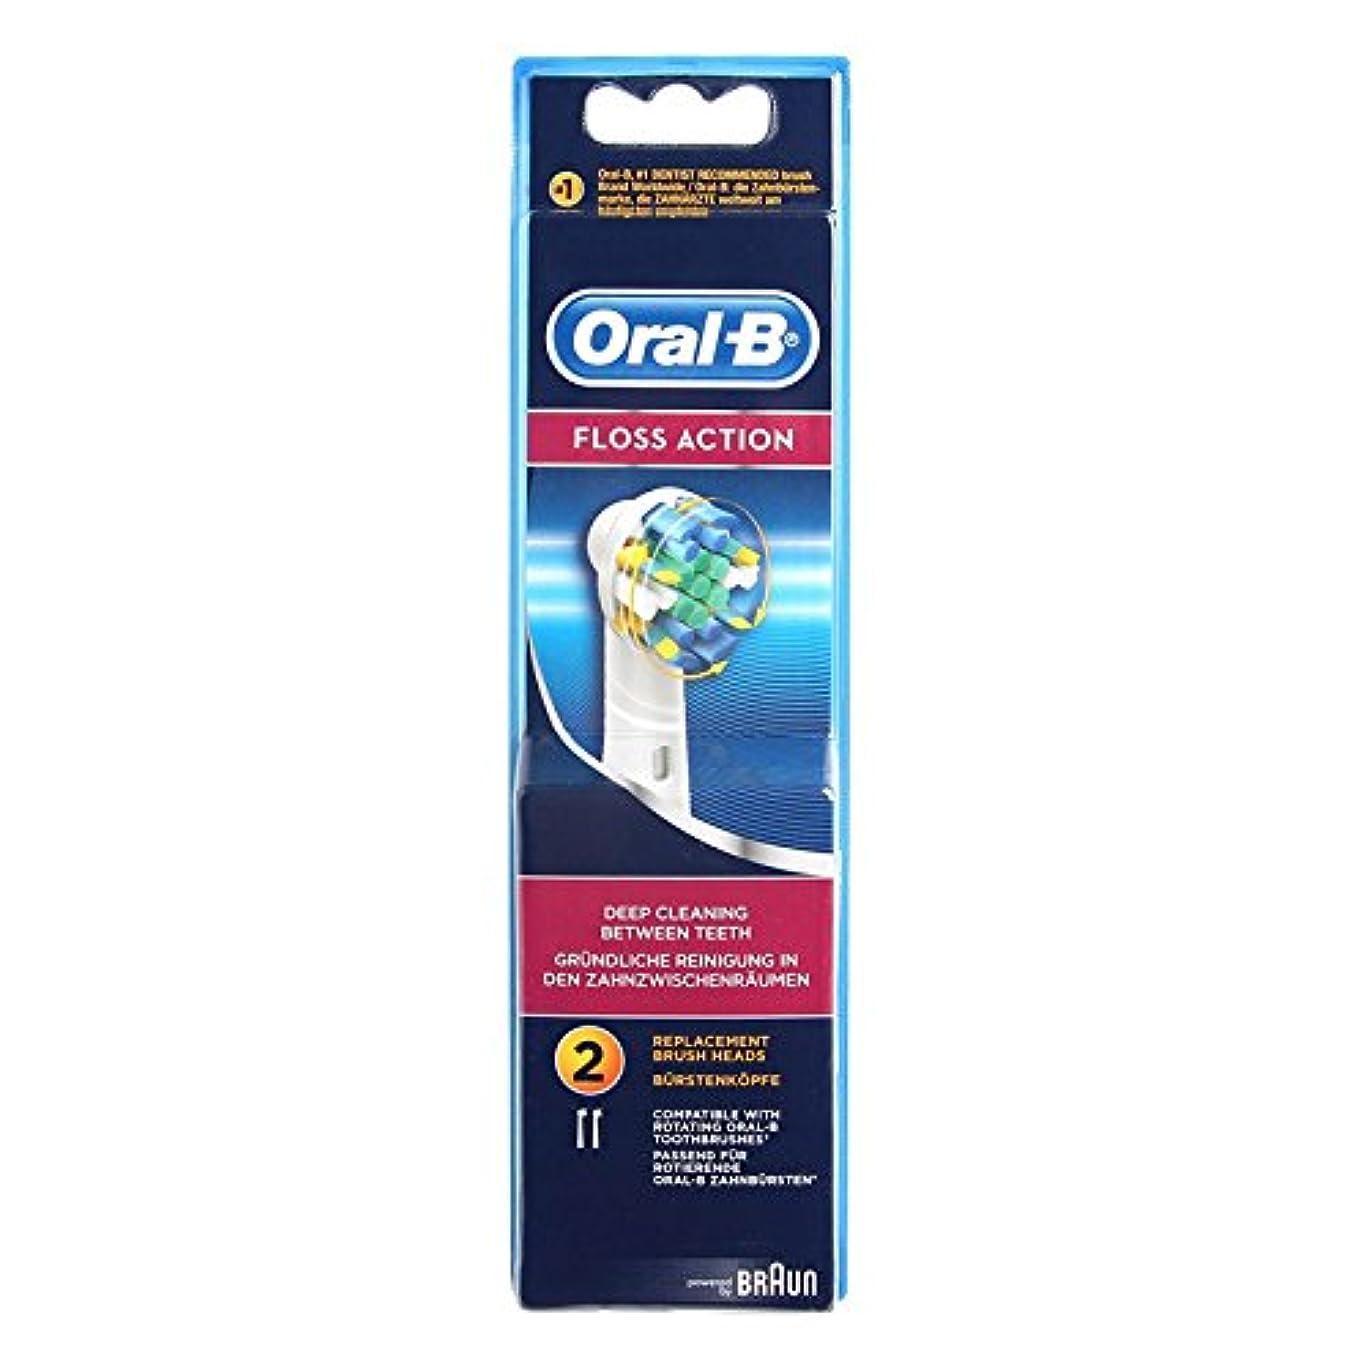 利点の面では滅びるBraun Oral-B EB25-2 Floss Action 交換式充電式歯ブラシヘッド 1Pack [並行輸入品]